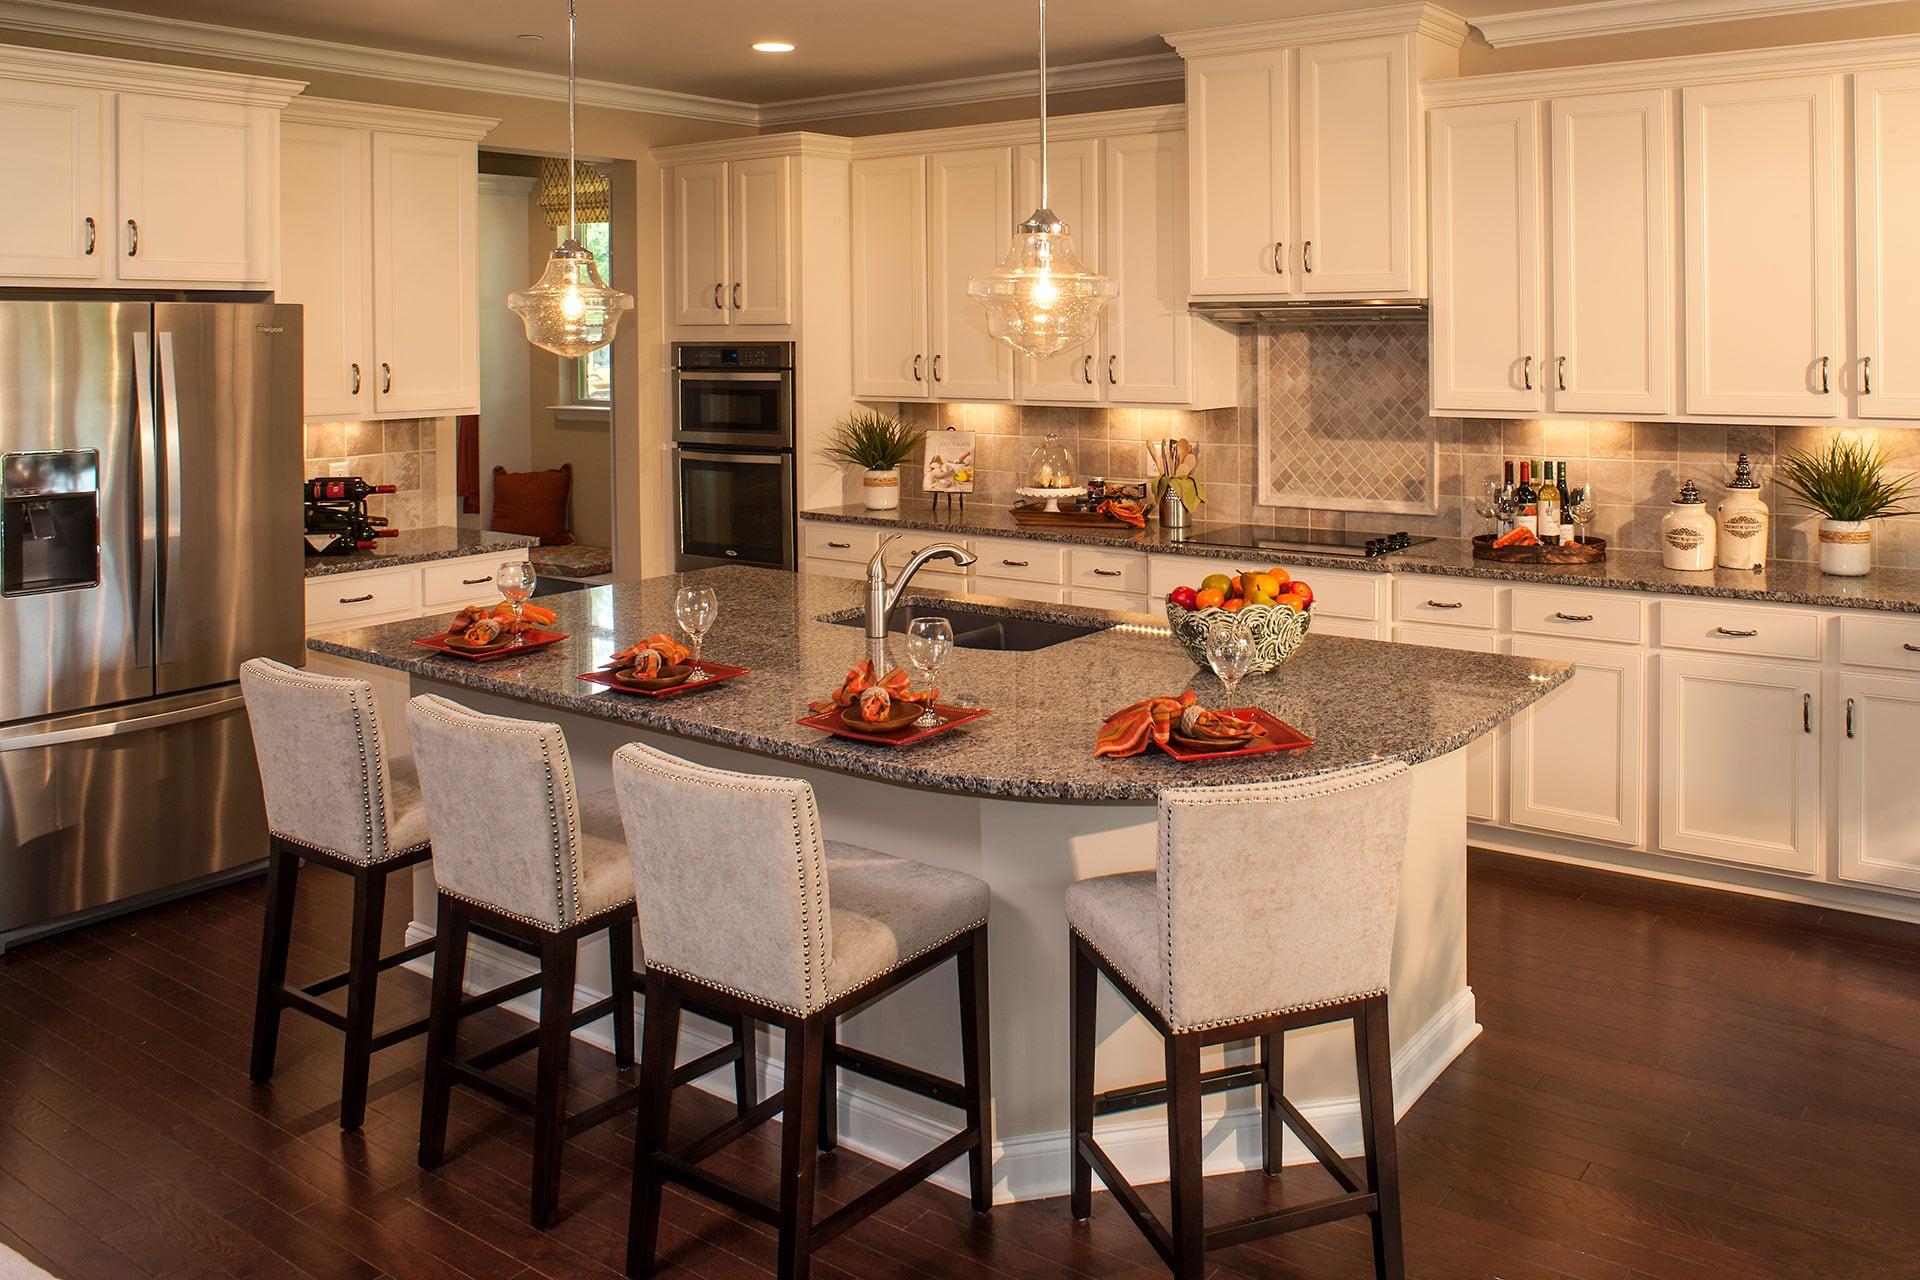 Drees homes design center nashville - Home design